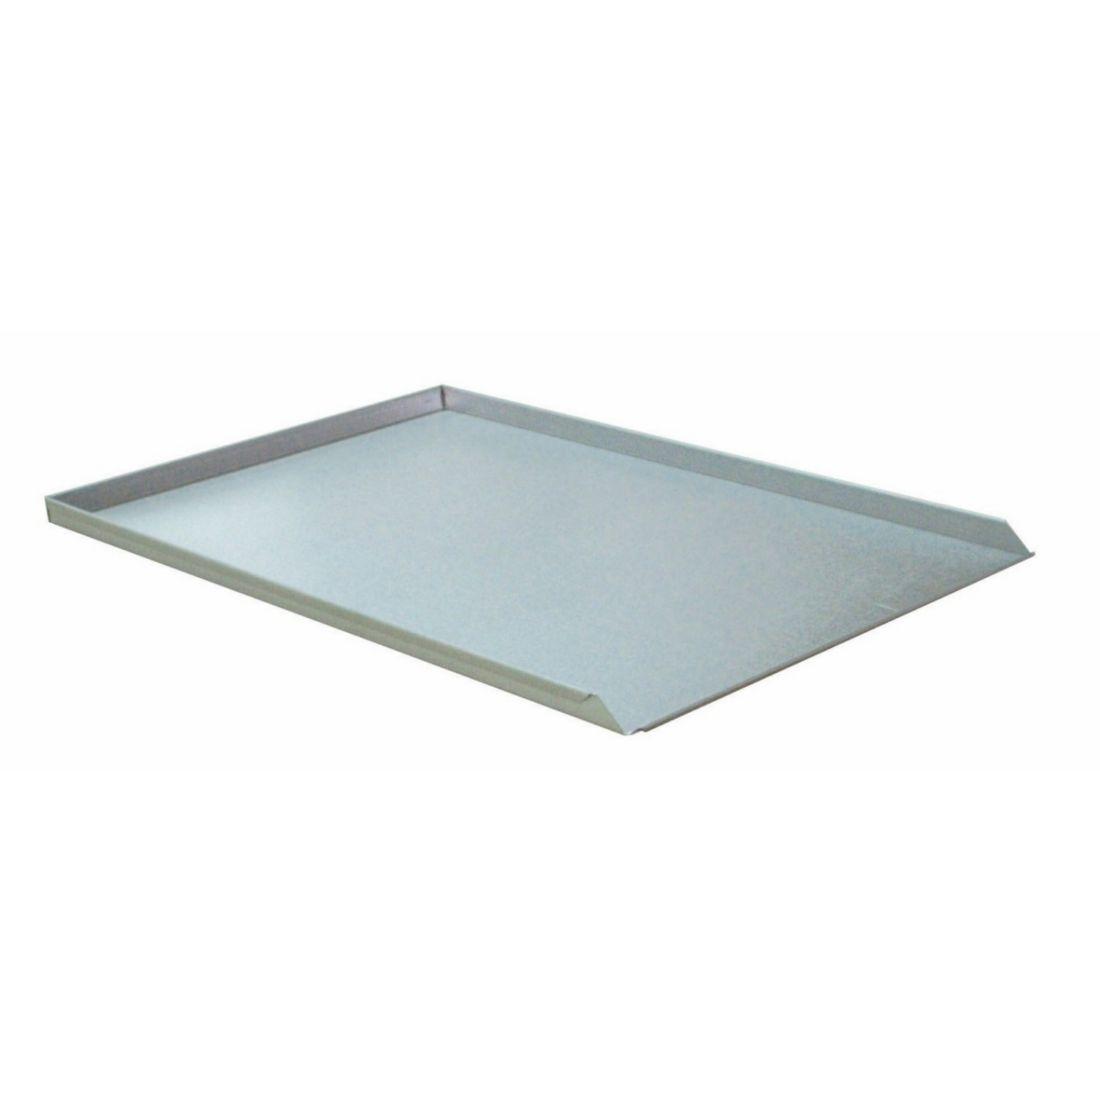 Plech aluminium, 600x400x20 mm, tl. 2,0 mm